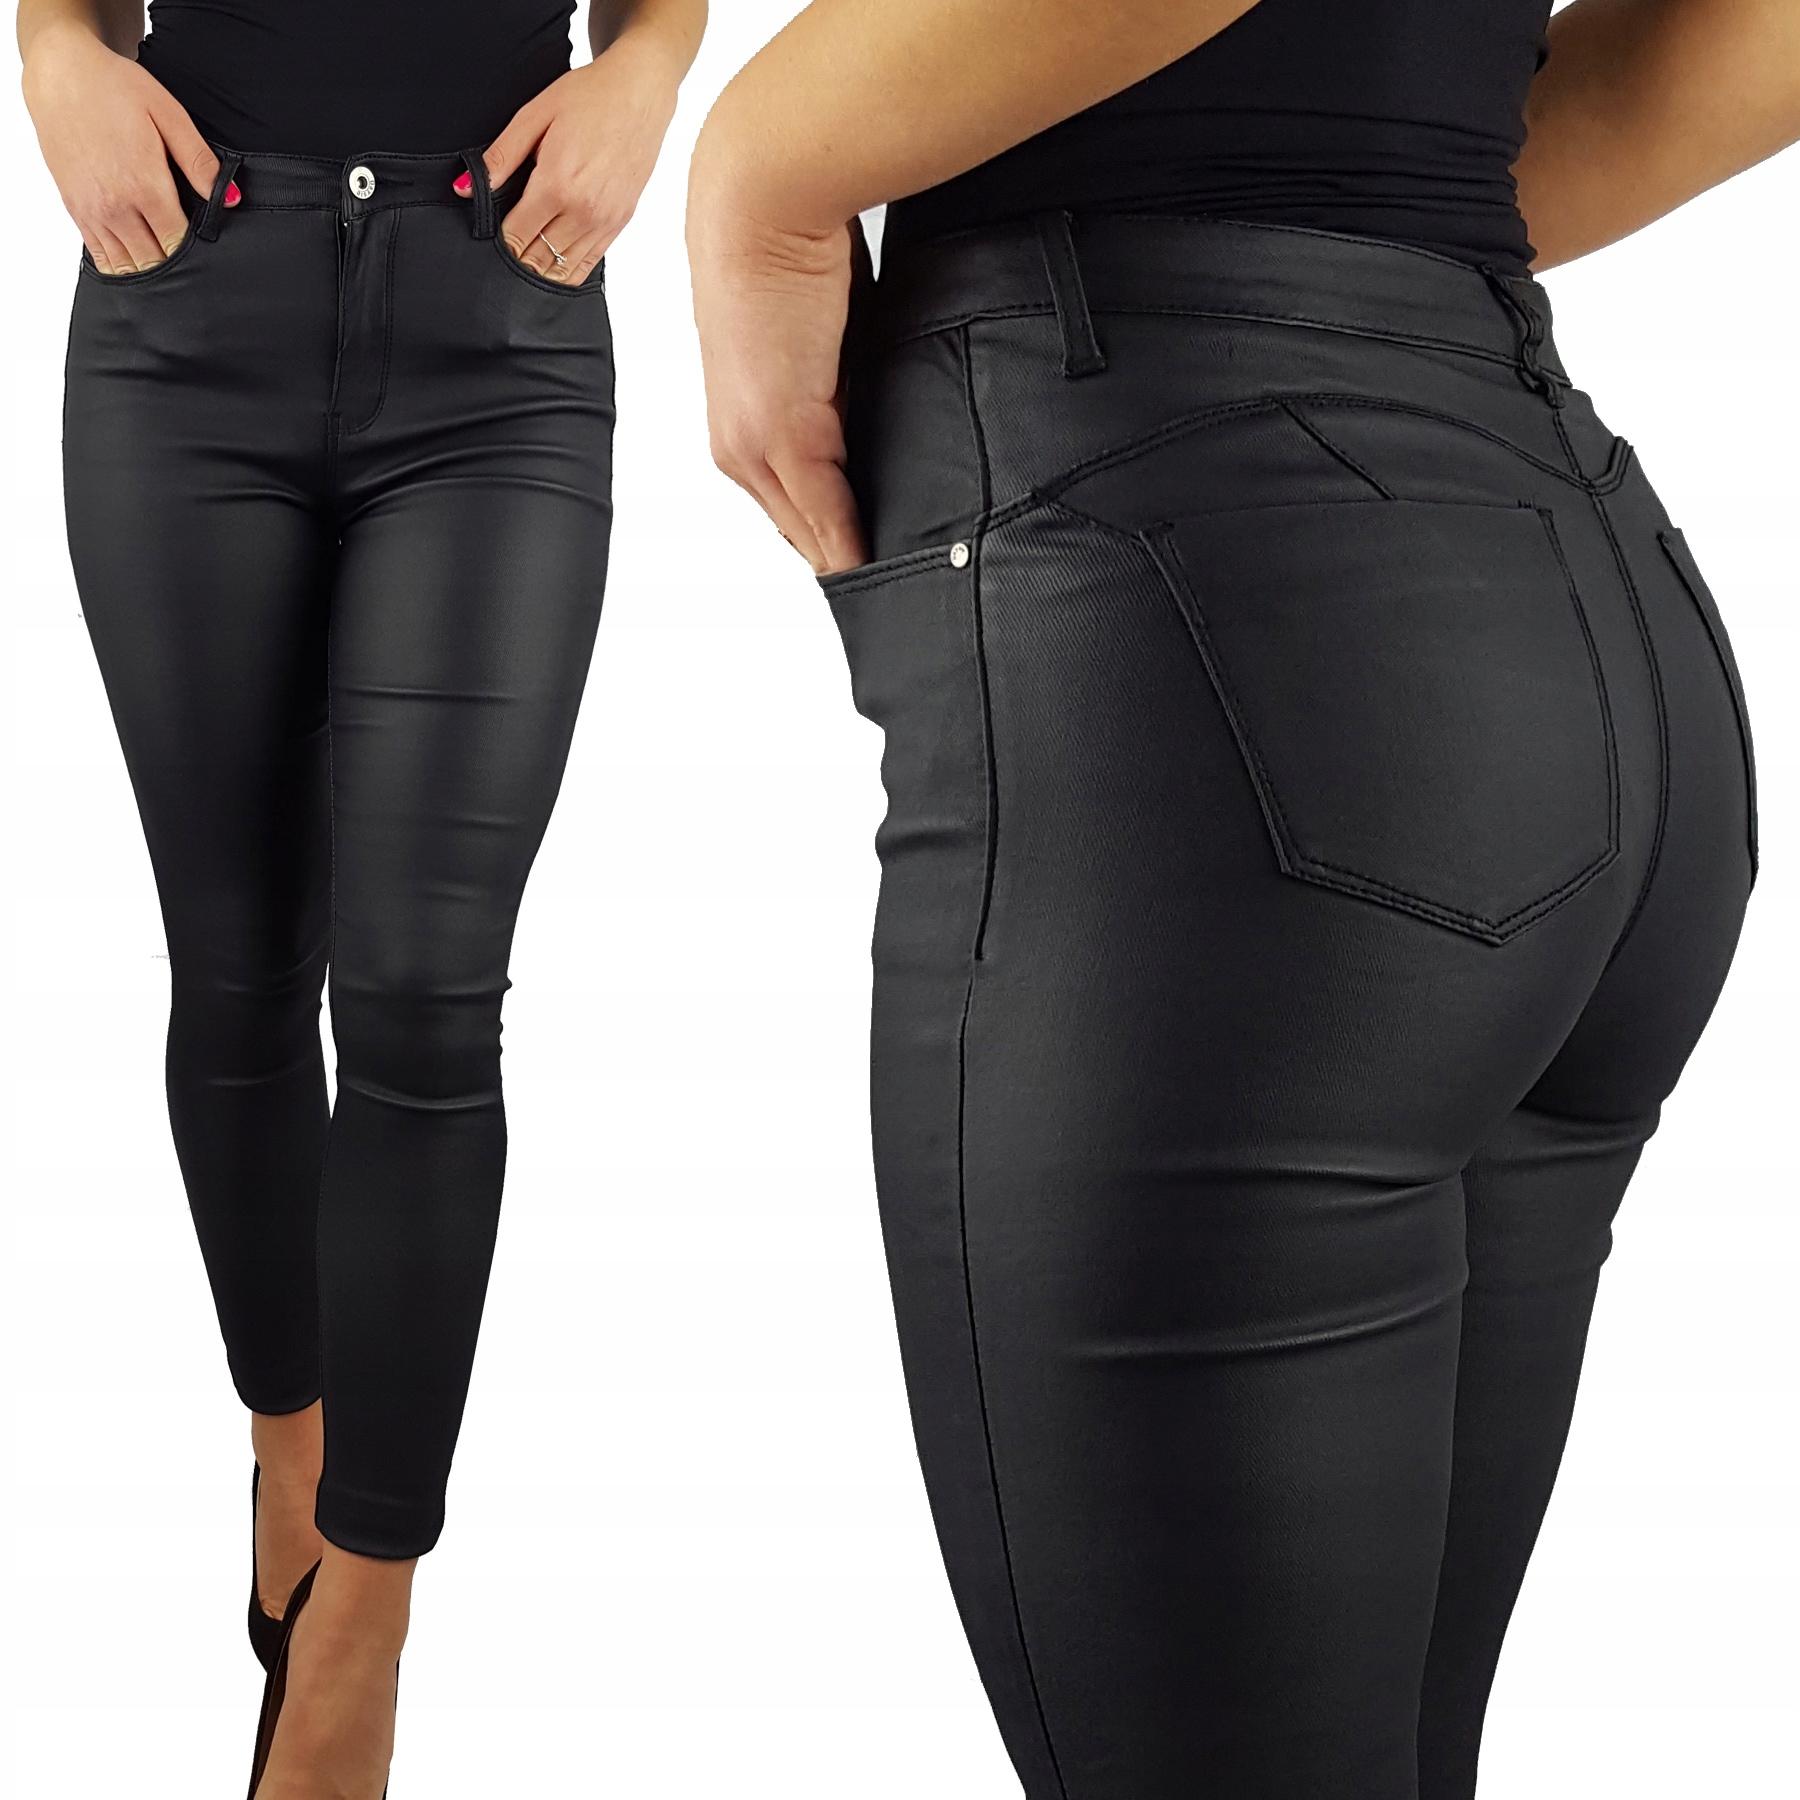 Spodnie Ocieplane Woskowane Push-up Plus Size New